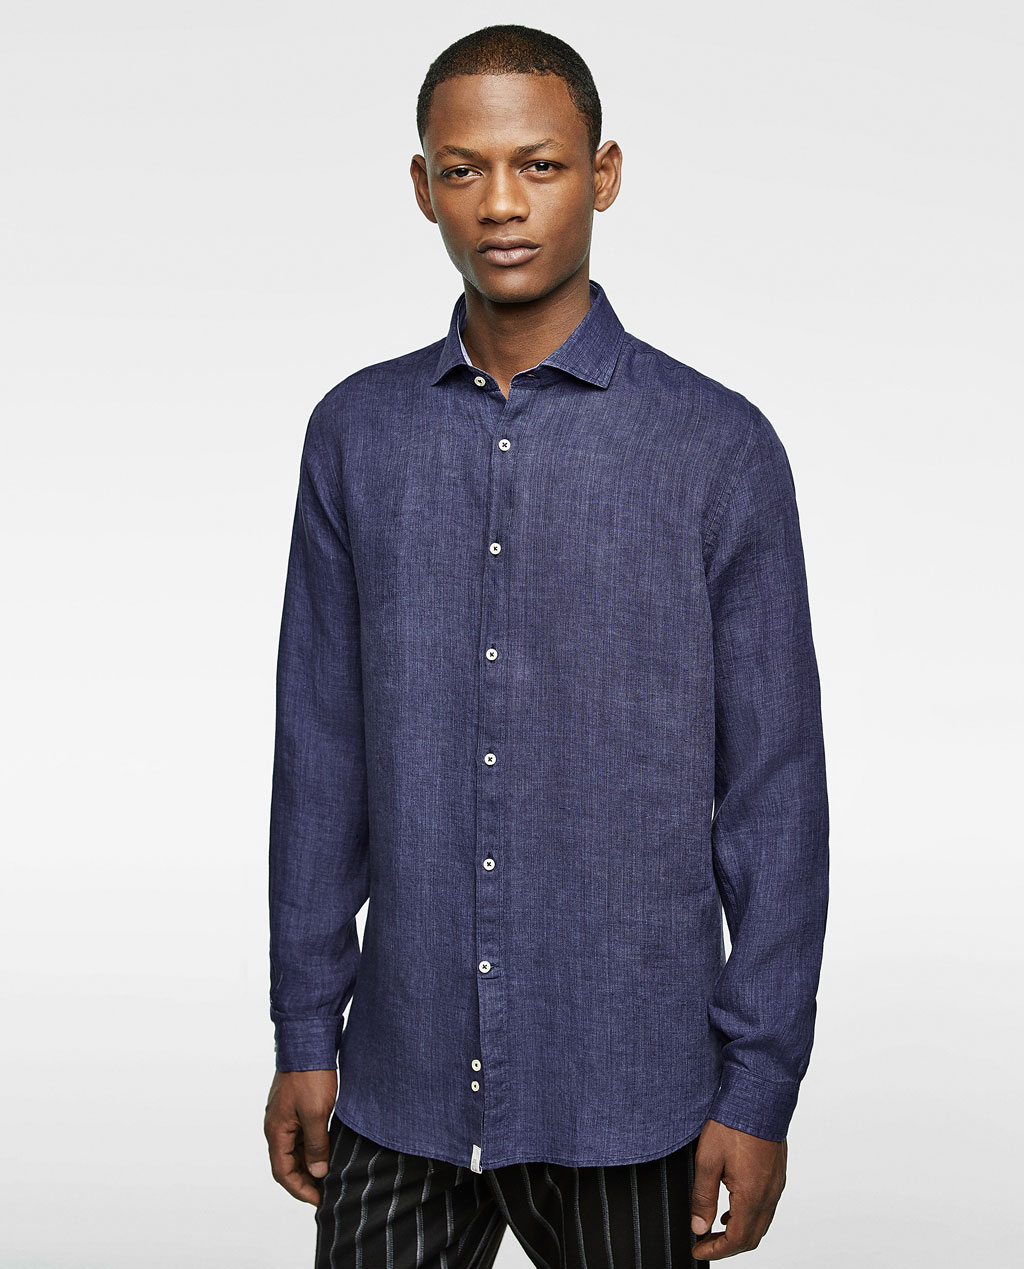 Thời trang nam Zara  23936 - ảnh 4